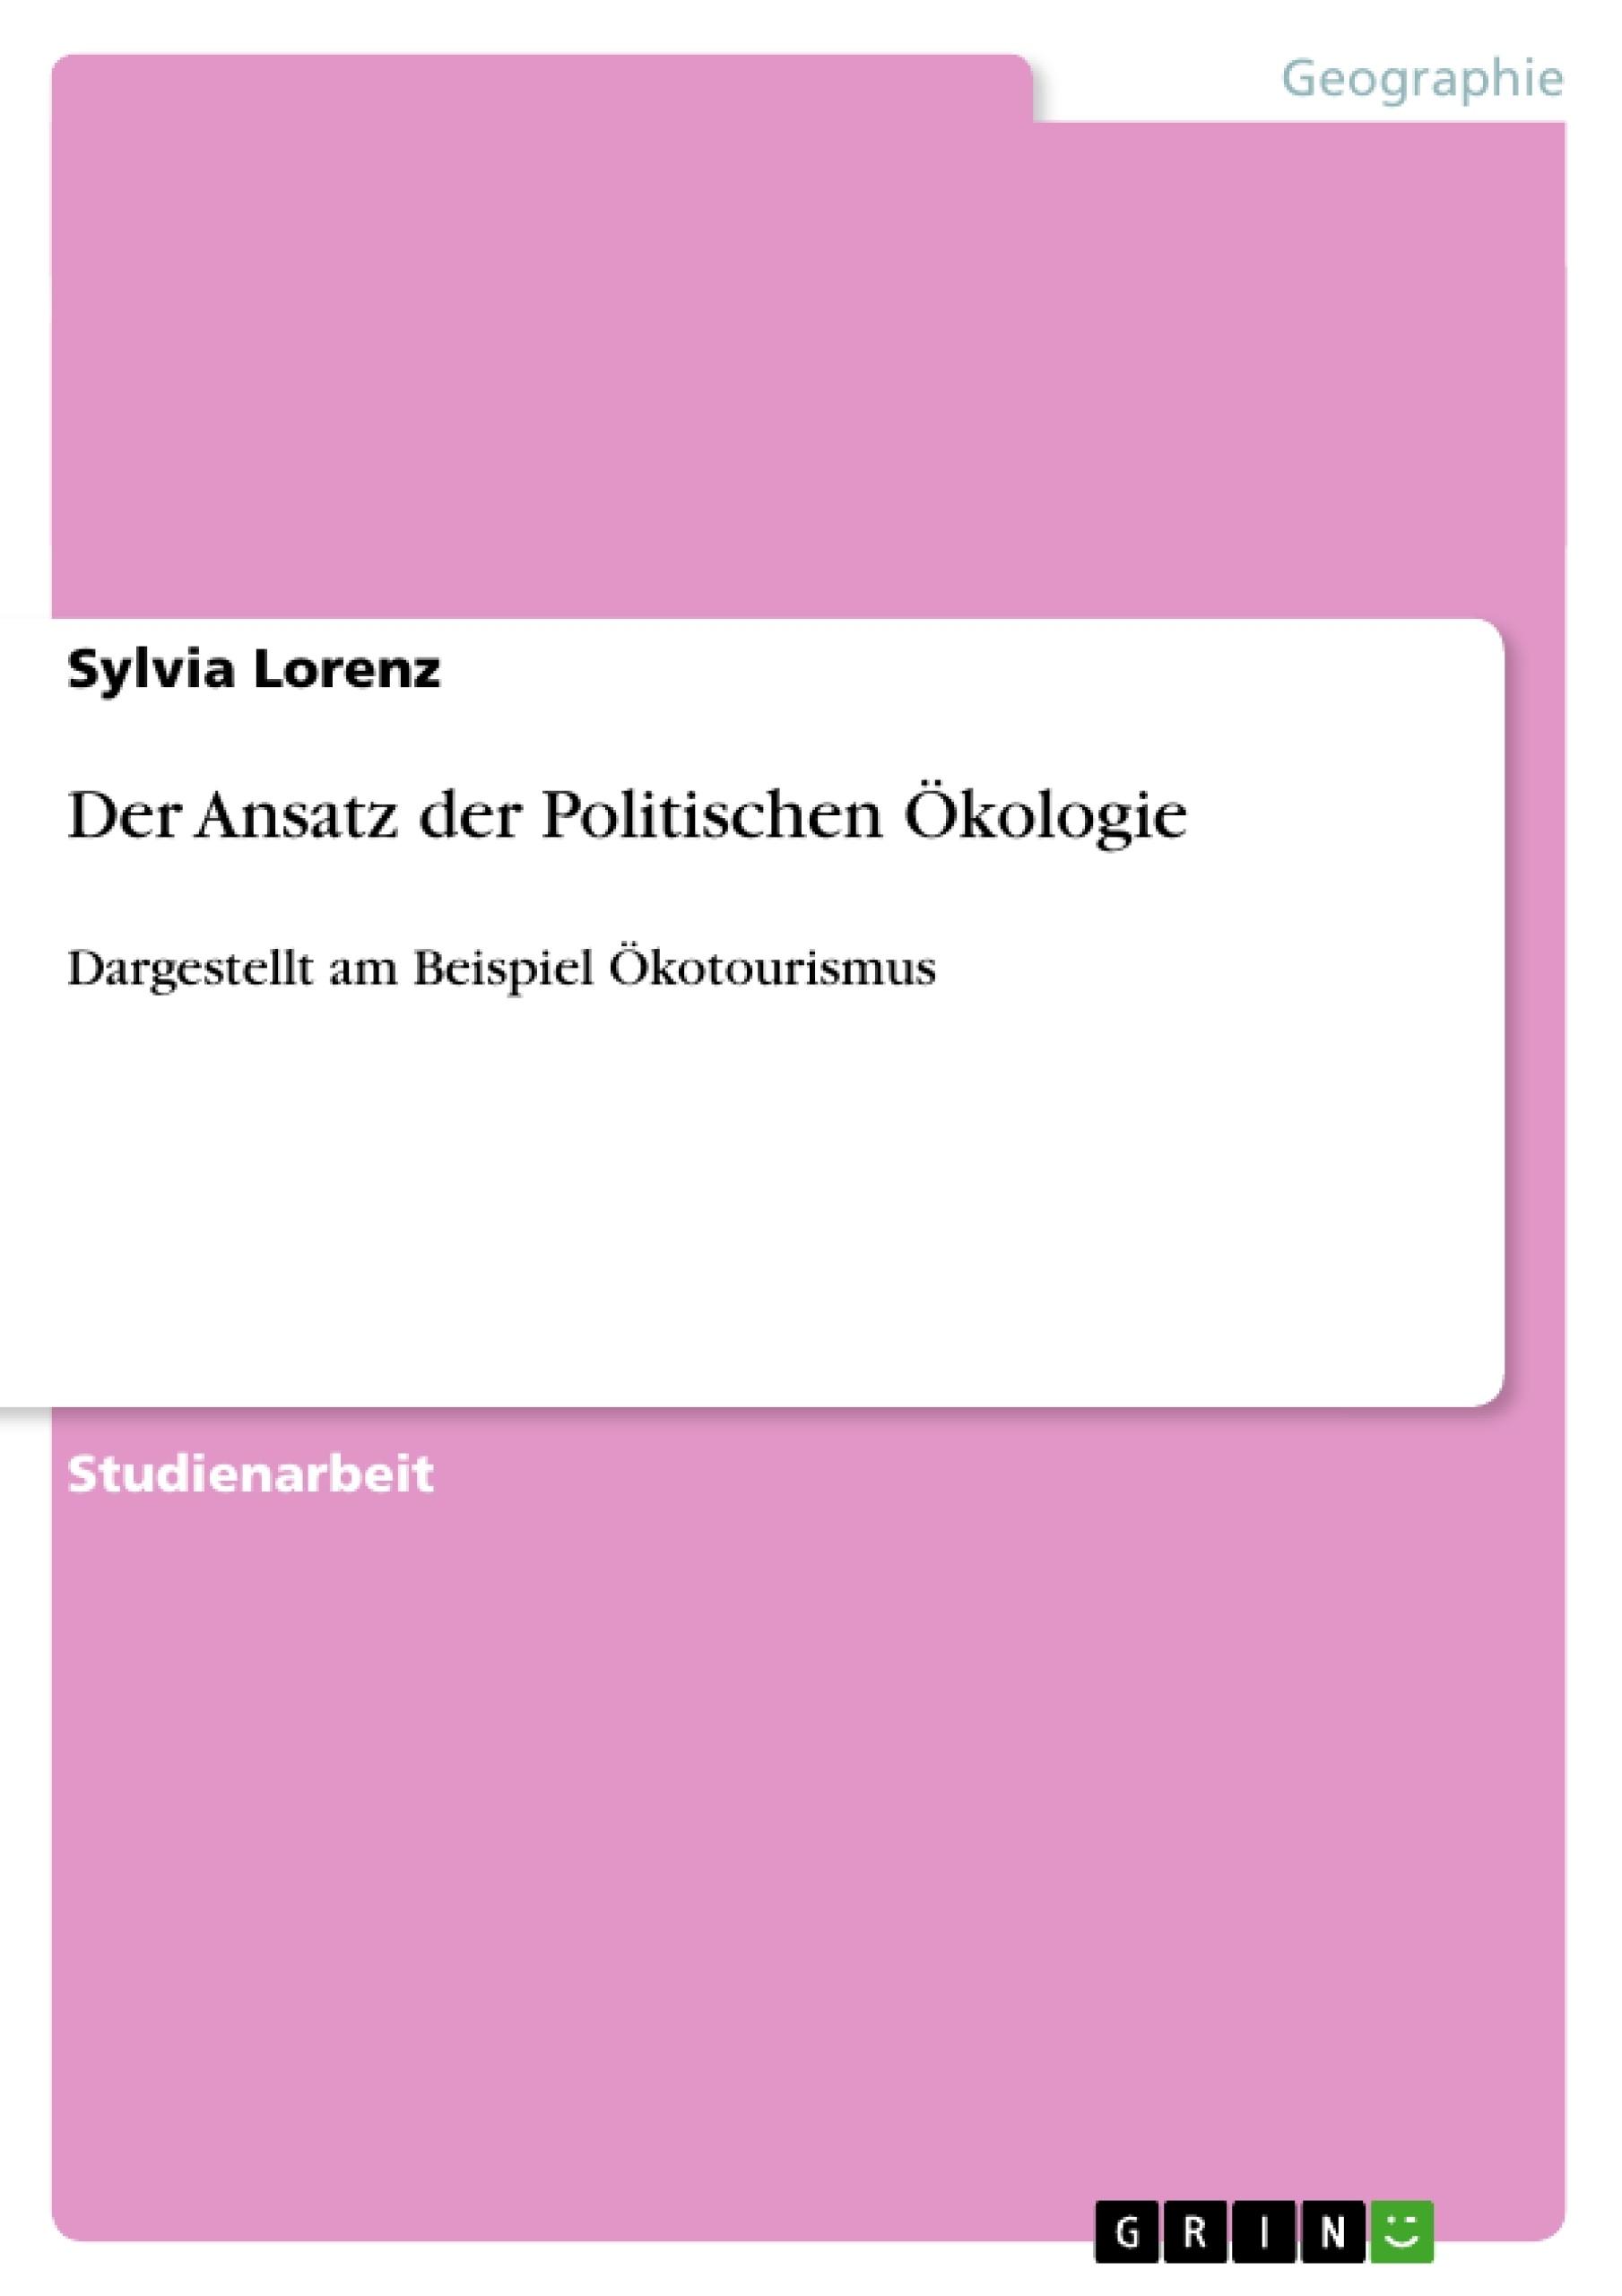 Titel: Der Ansatz der Politischen Ökologie